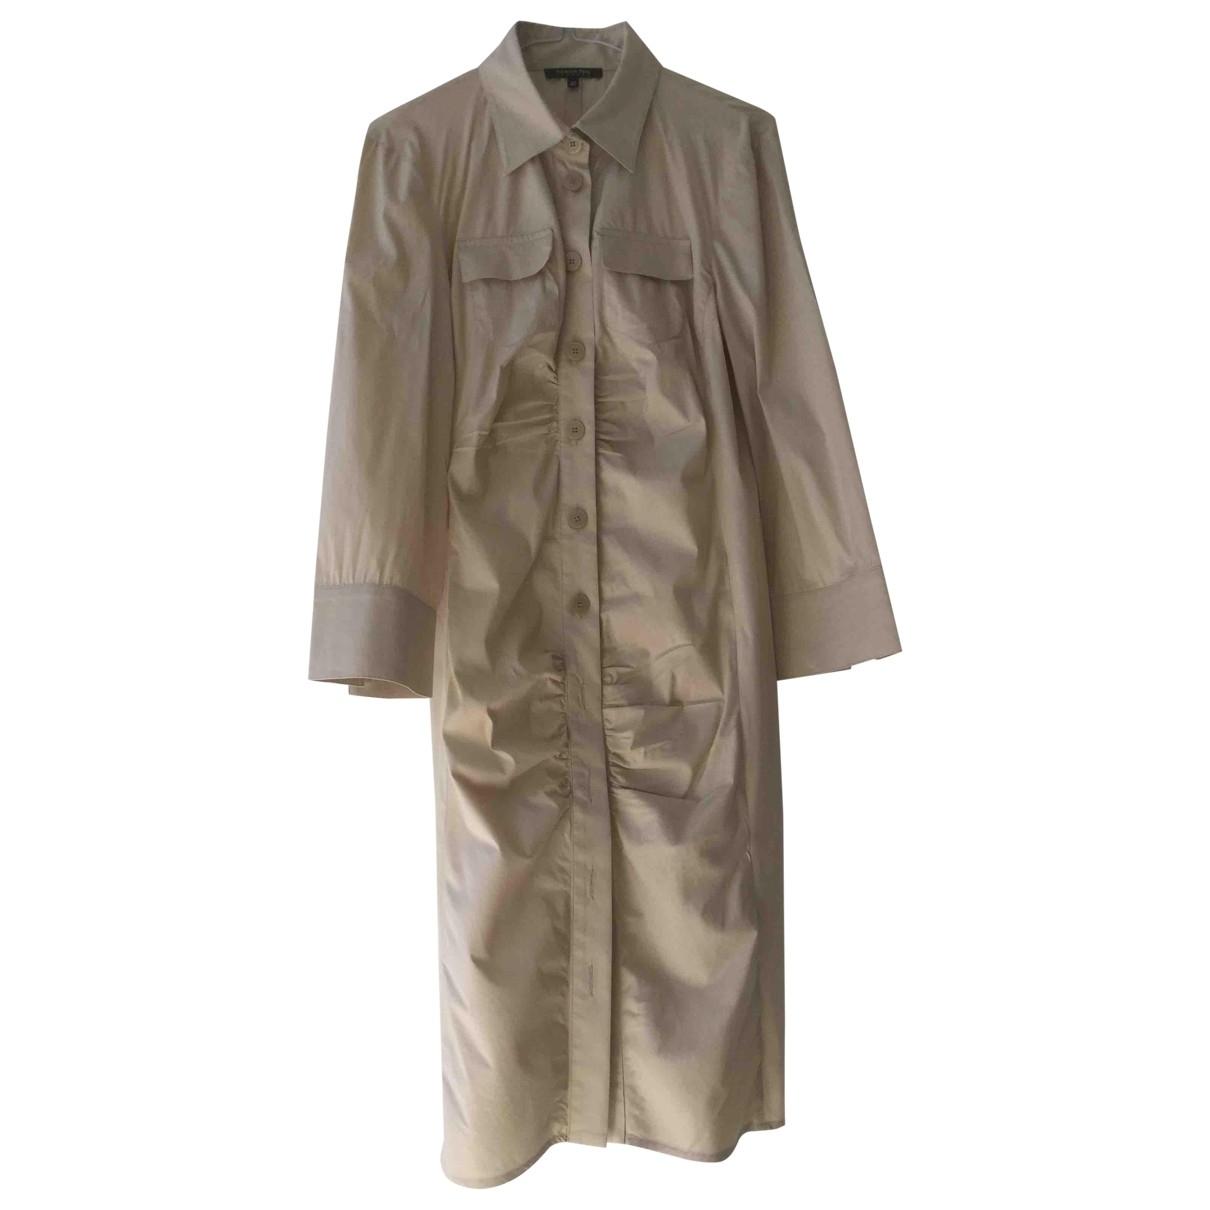 Patrizia Pepe \N Beige Cotton dress for Women 46 IT